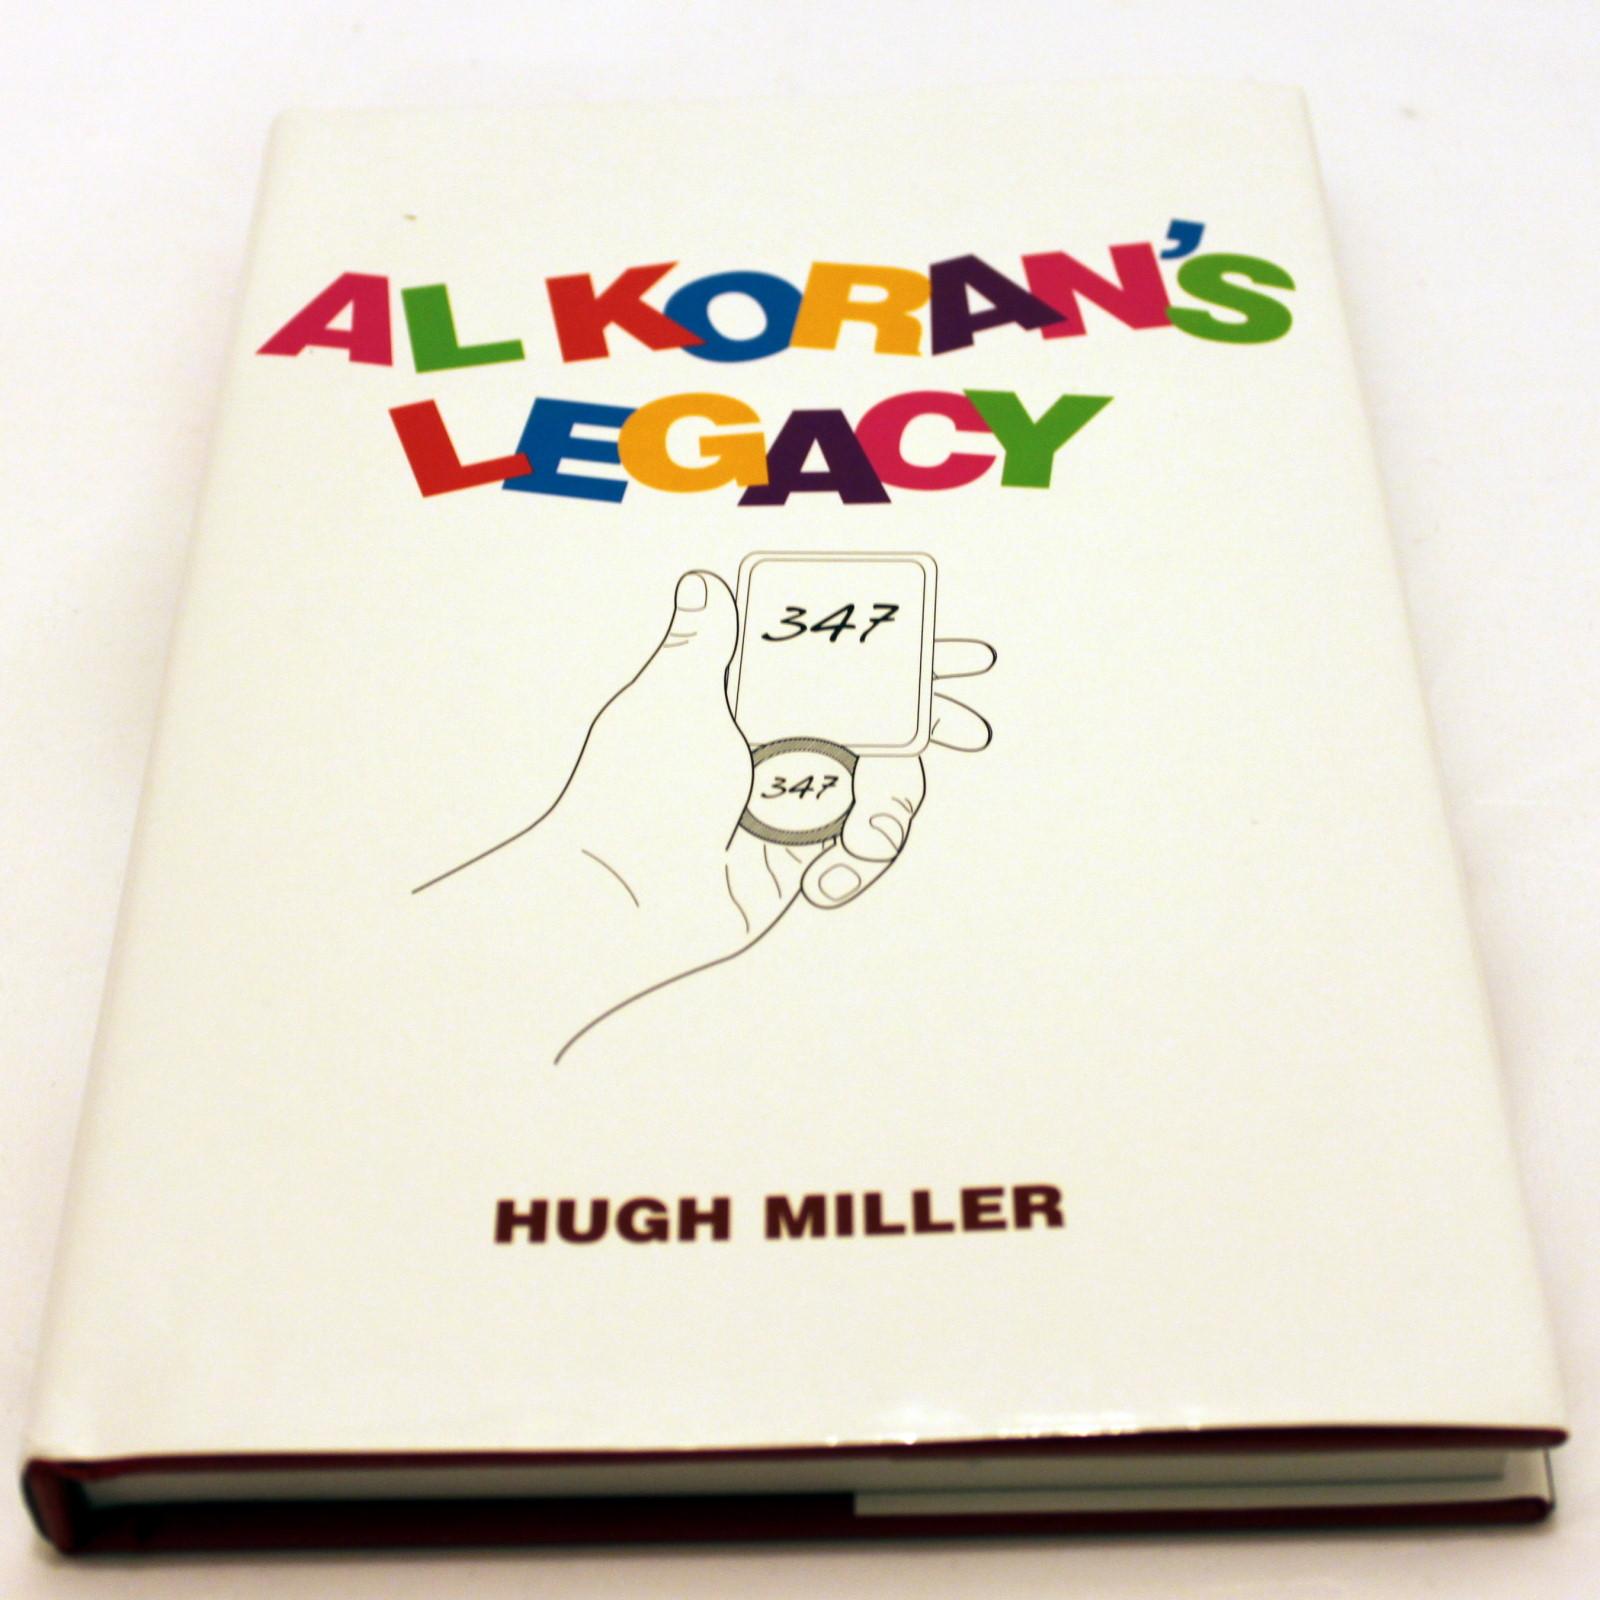 Al Koran's Legacy (2009) by Hugh Miller